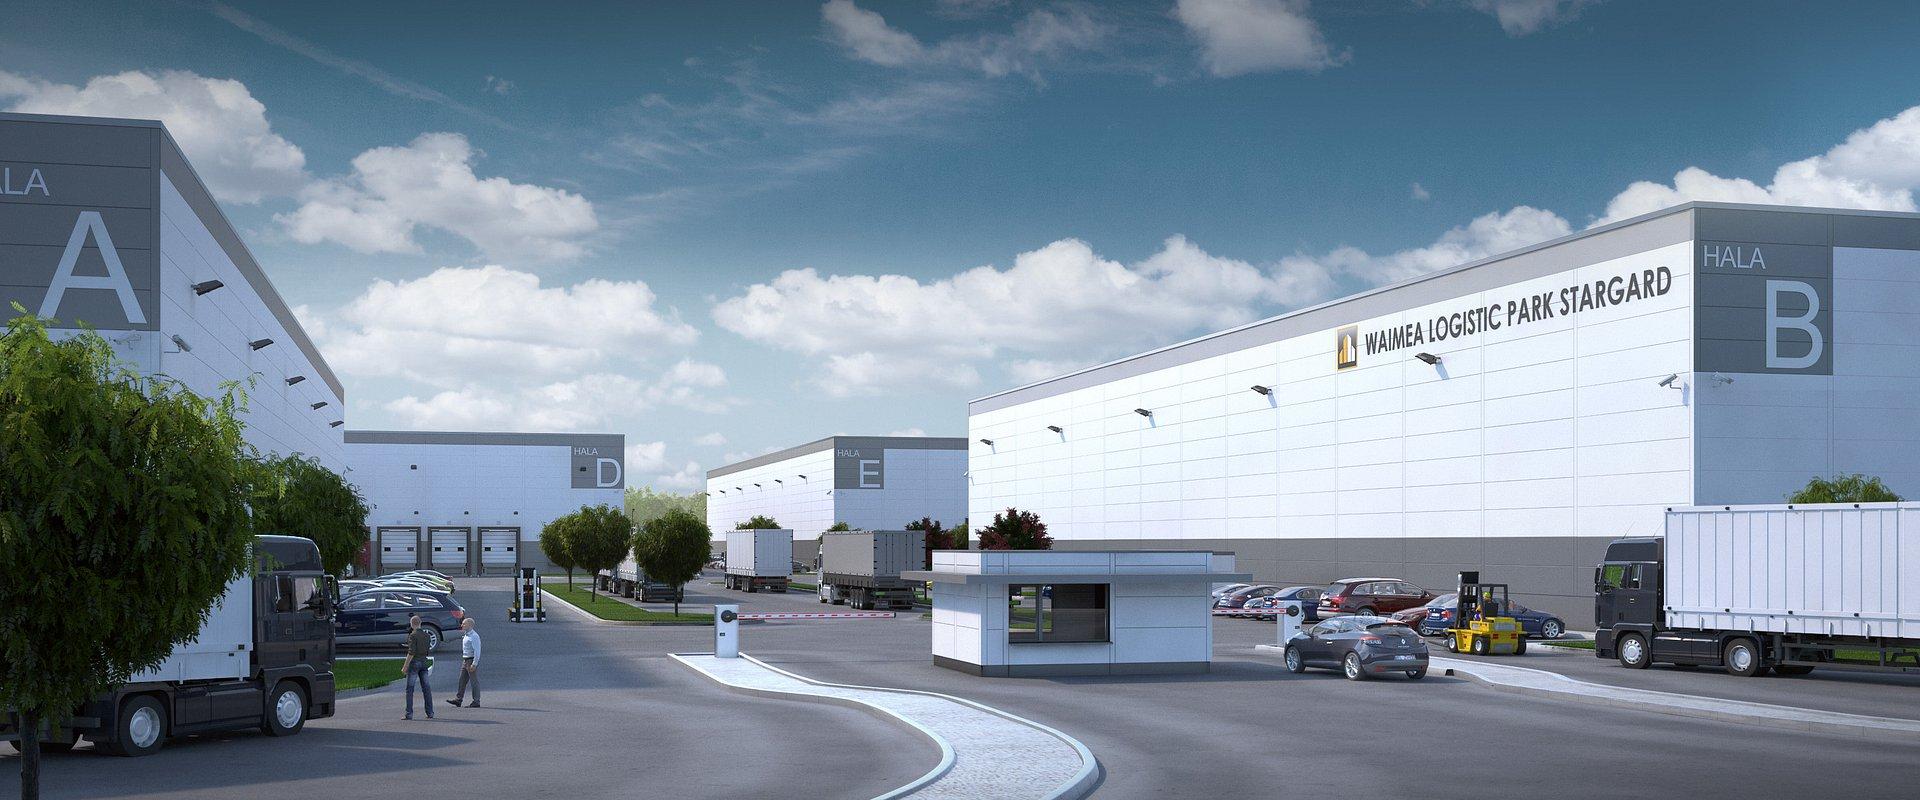 Procyon Group wraz z nową marką EcoReadyBath wprowadzi się do Waimea Logistic Park Stargard